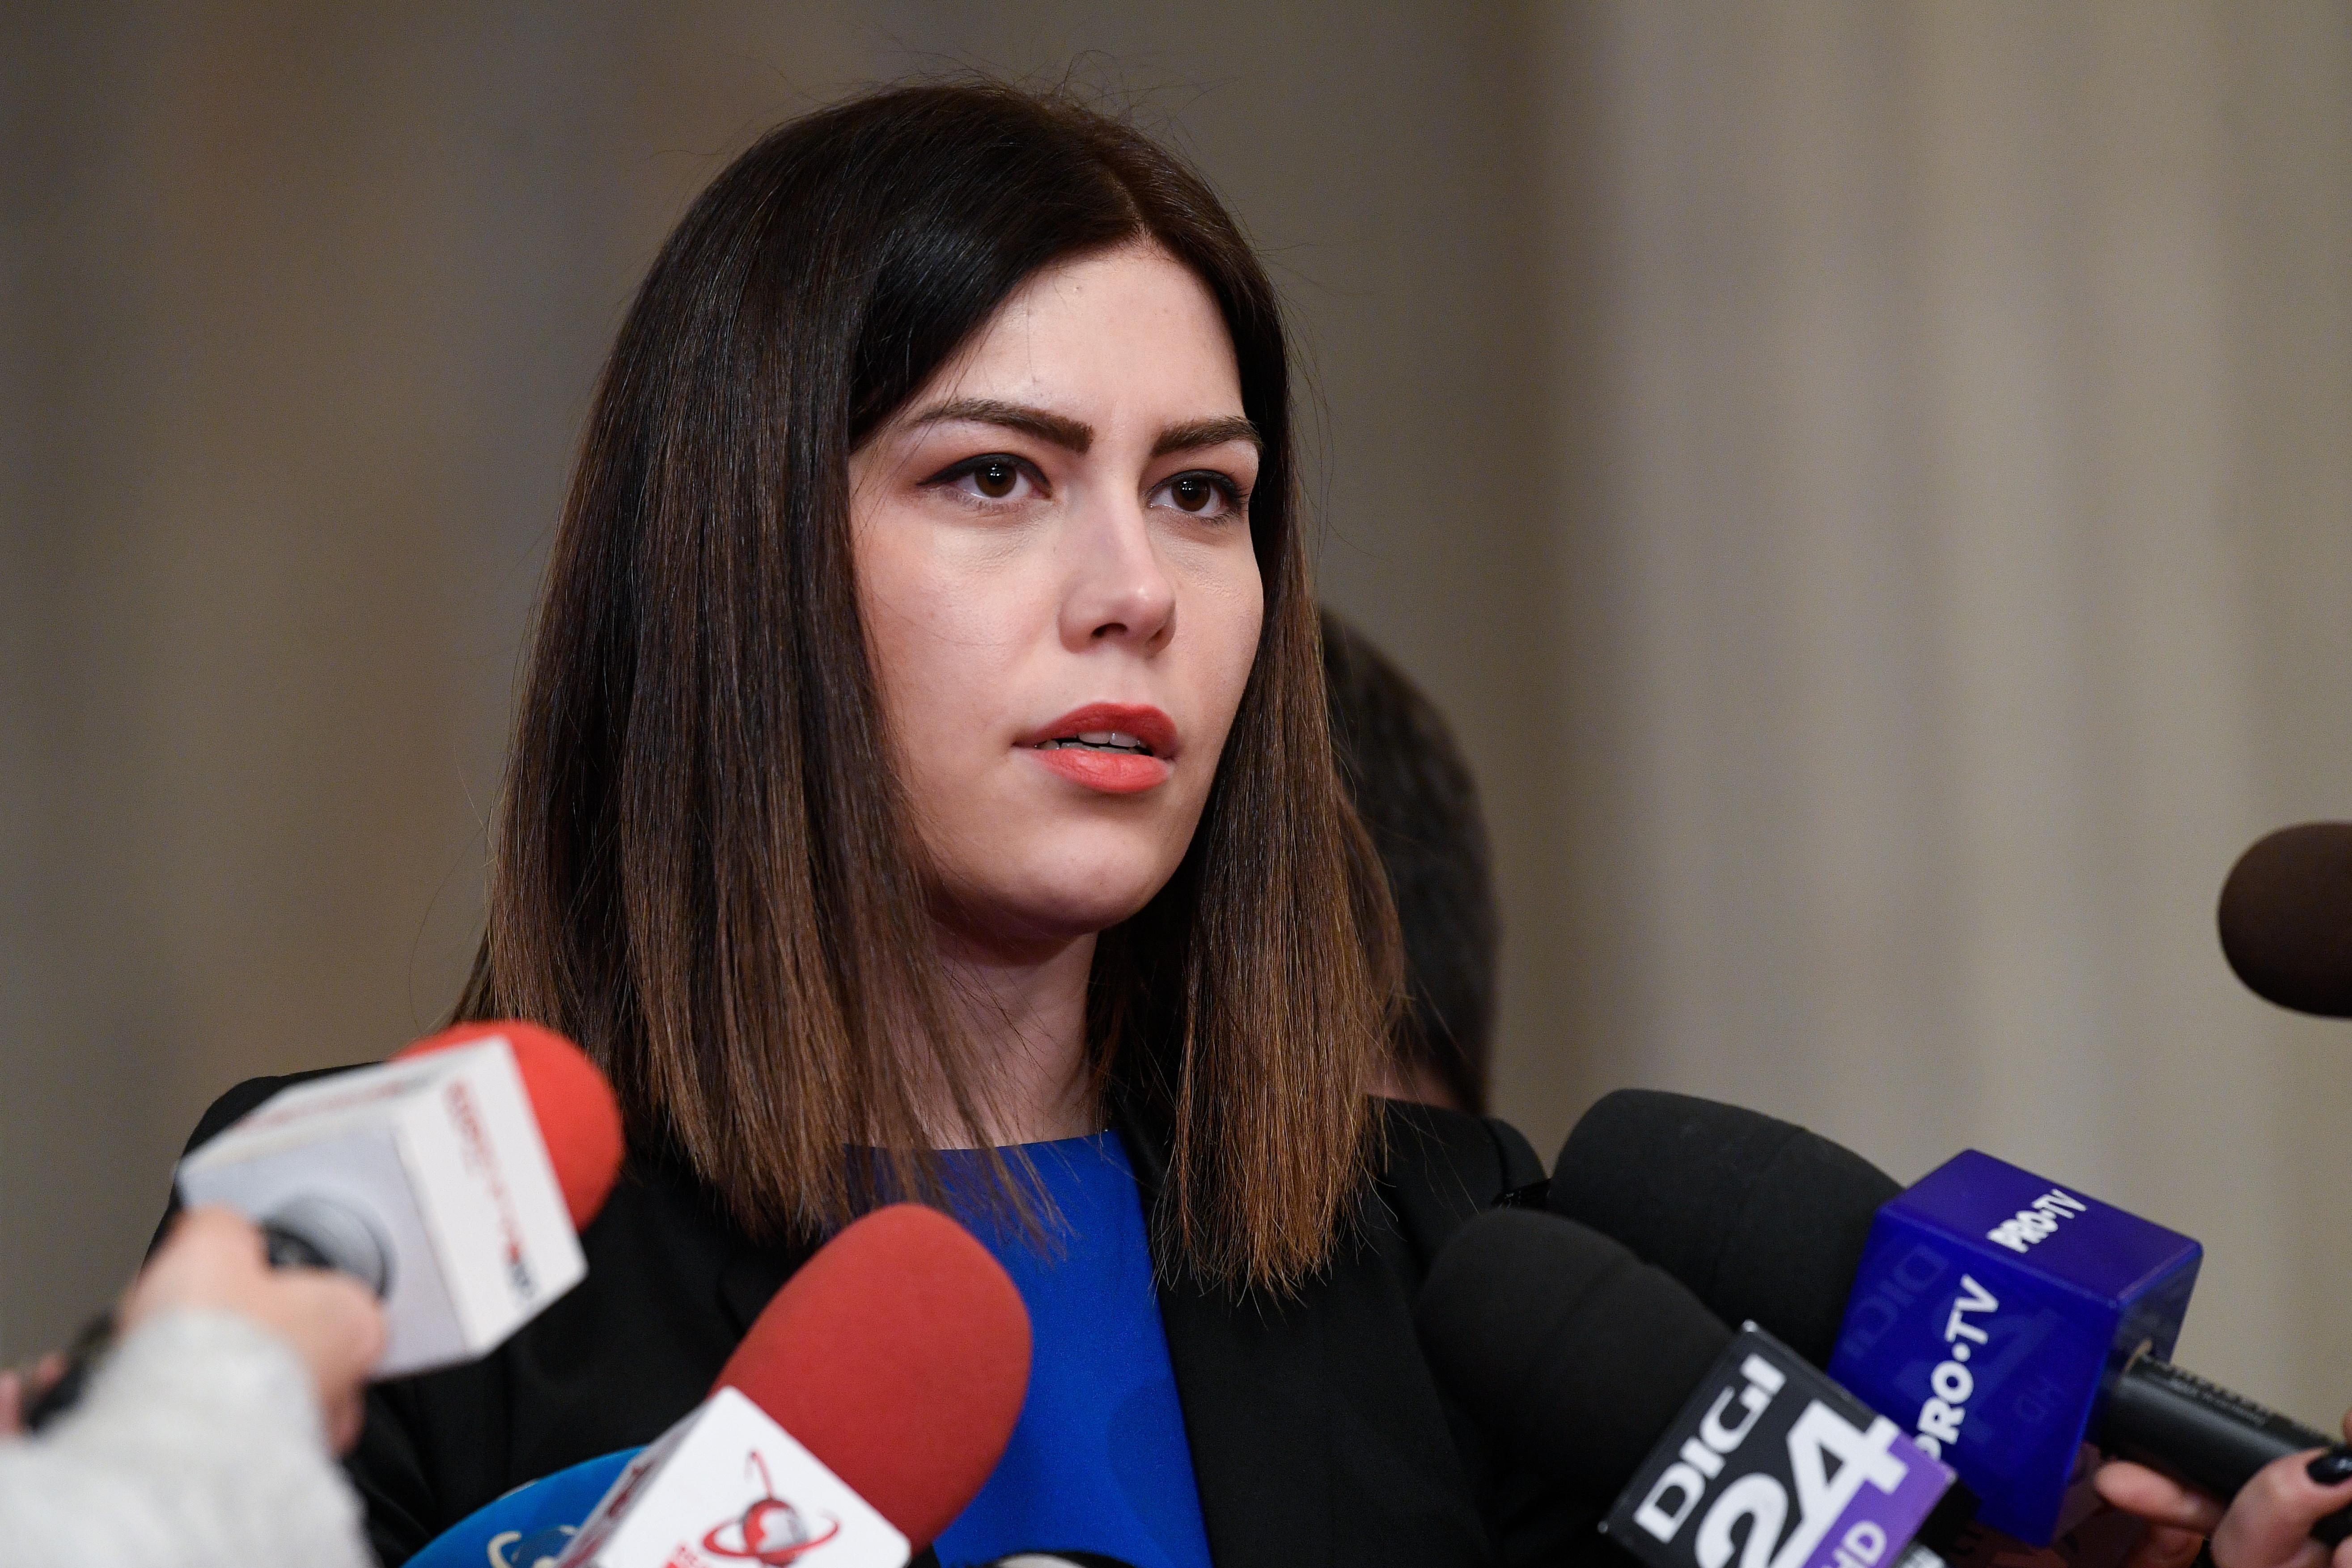 Sporuri majorate la Consiliul Concurenței, acuză deputata USR Cristina Prună. În prezent ajung la 18.166 lei net pe lună